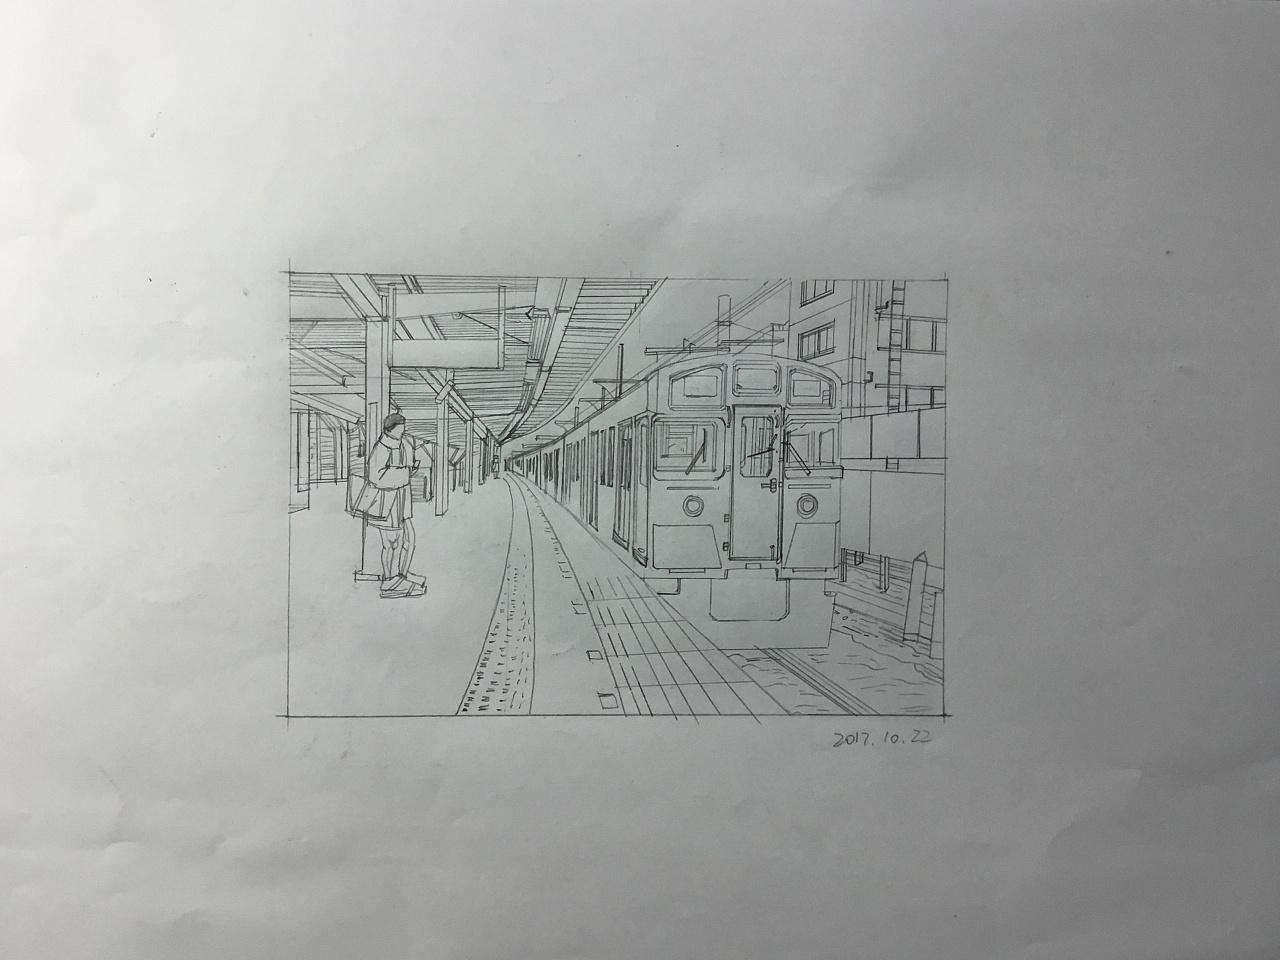 透视练习 - 原创作品 - 站酷(zcool)图片